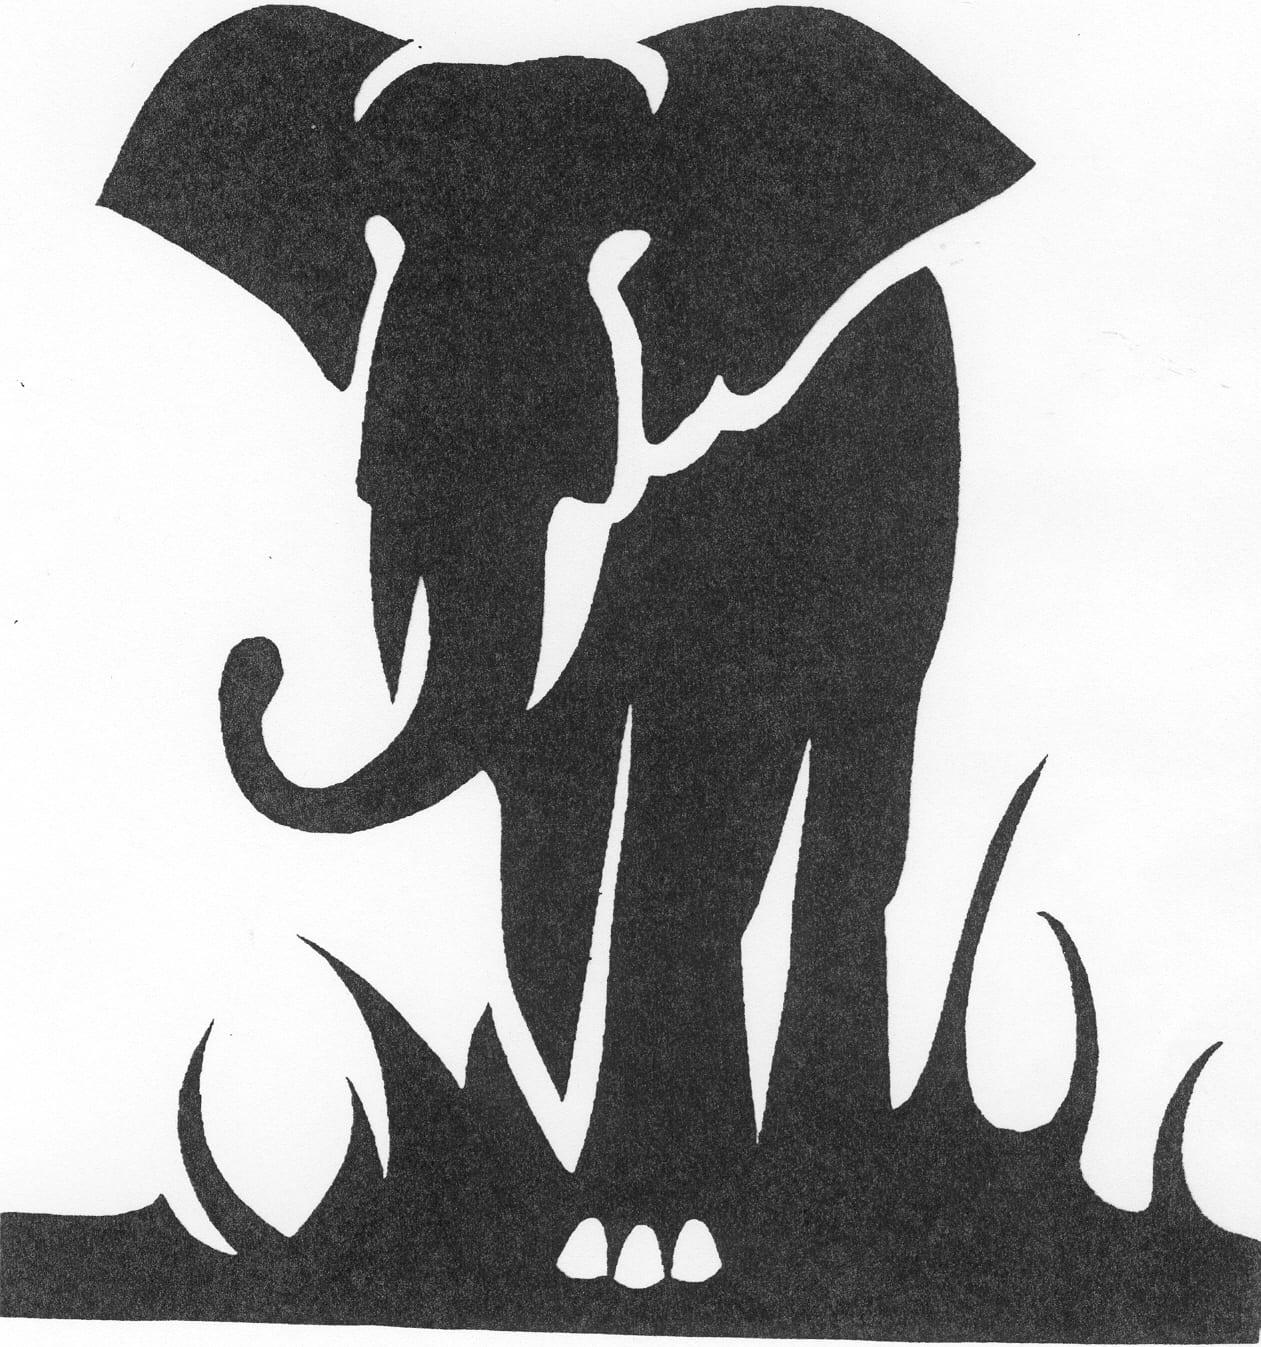 Een afbeelding van een olifant die kan worden gezandstraald op een grafmonument